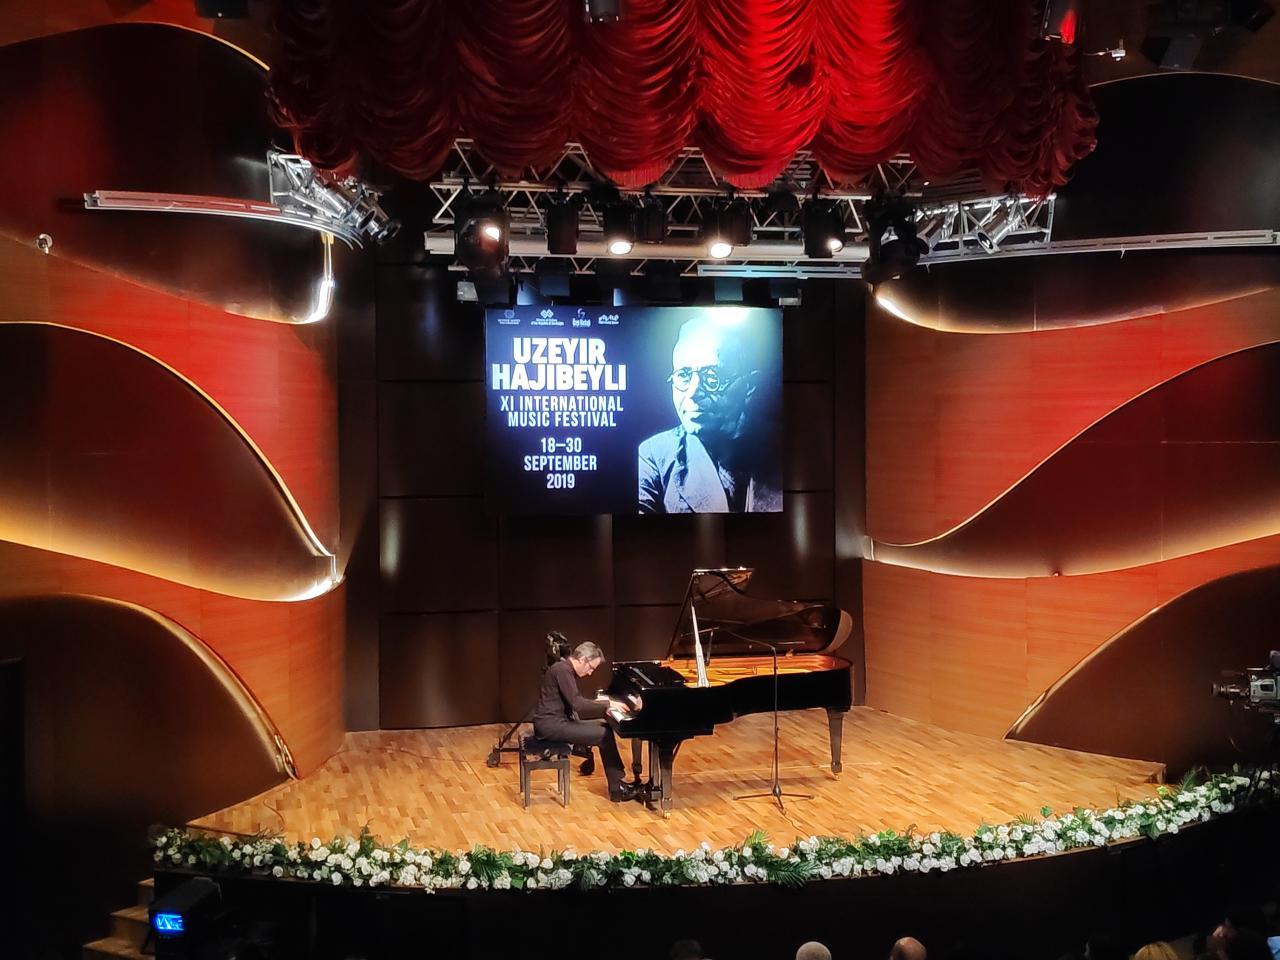 В Центре мугама прошел концерт итальянского пианиста